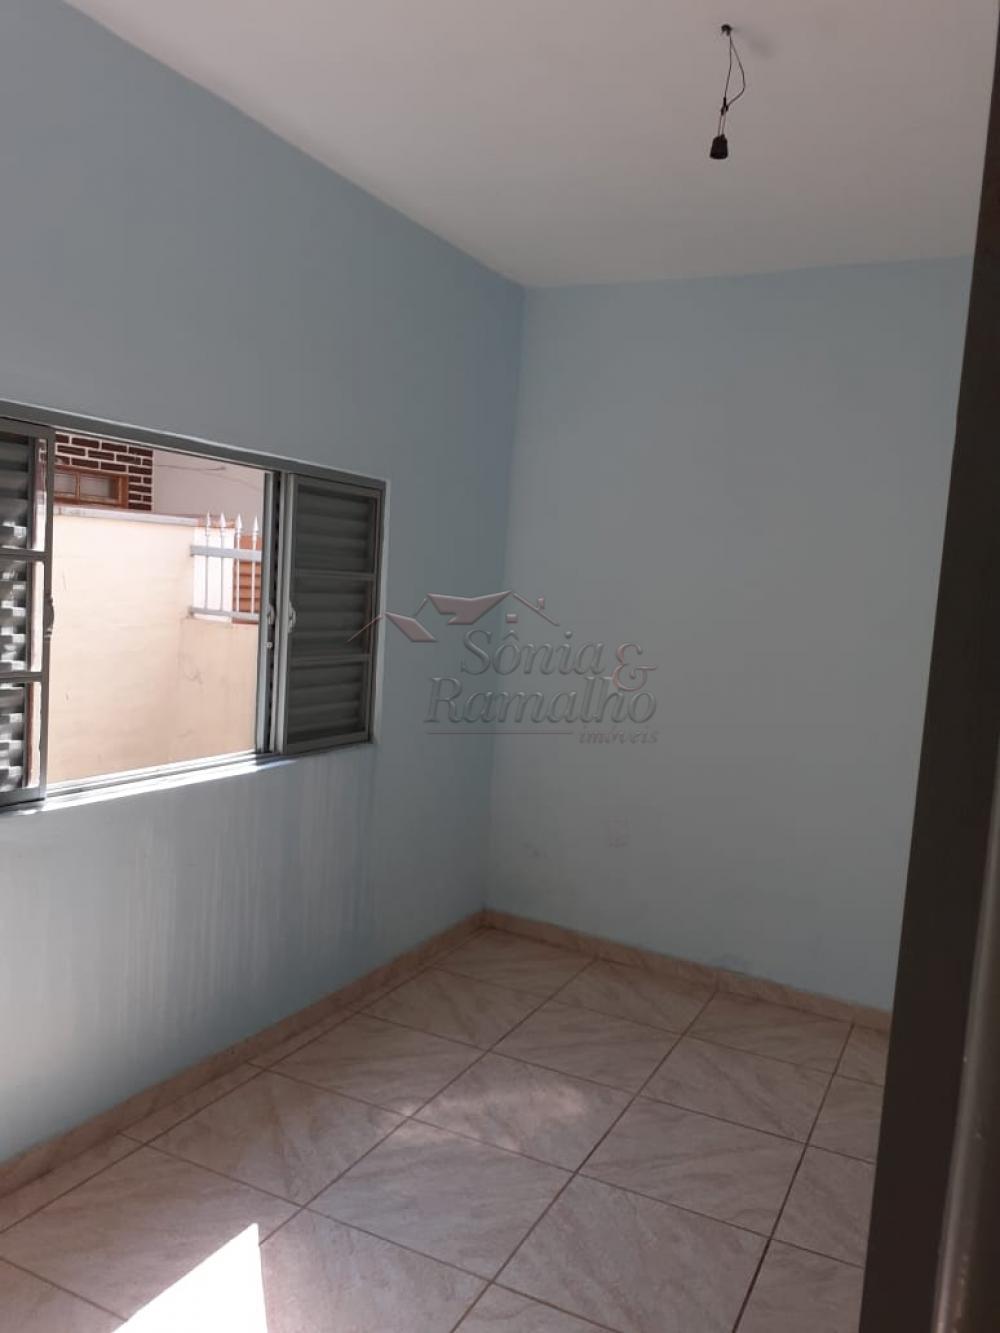 Alugar Casas / Padrão em Ribeirão Preto apenas R$ 480,00 - Foto 5